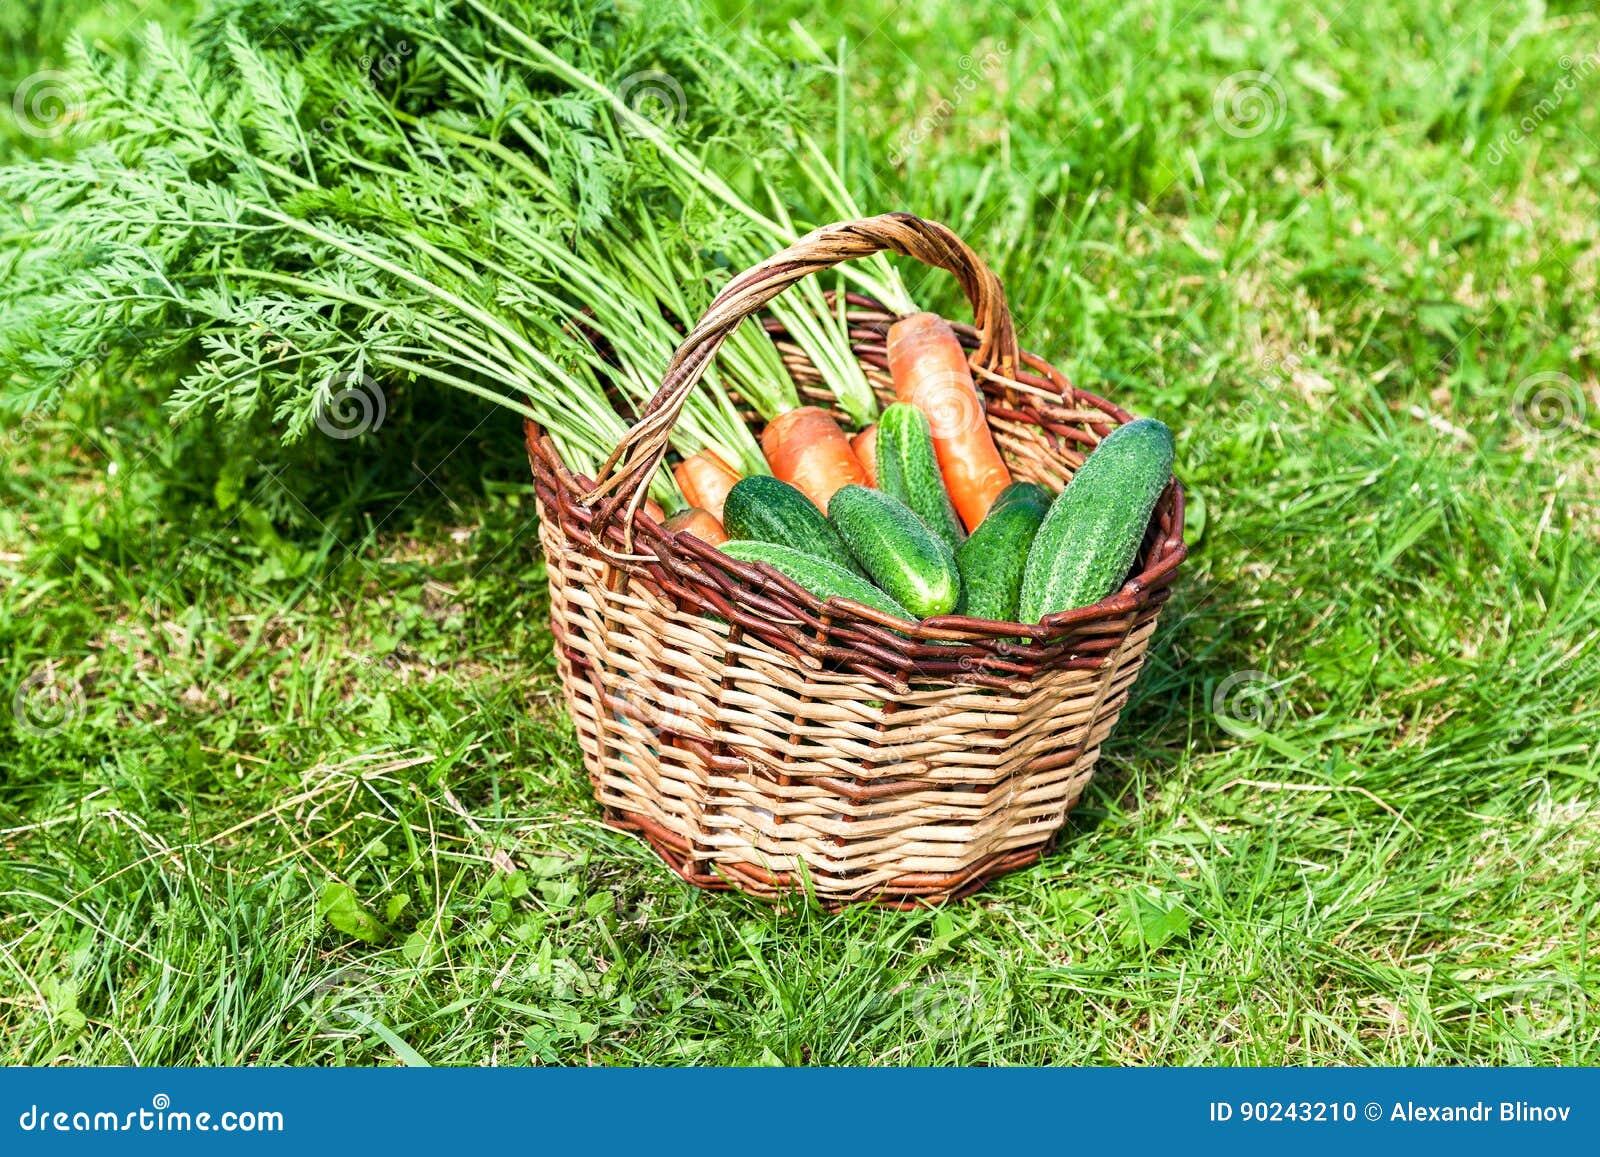 Panier Osier Vert : Panier en osier bois avec les carottes oranges fra?ches